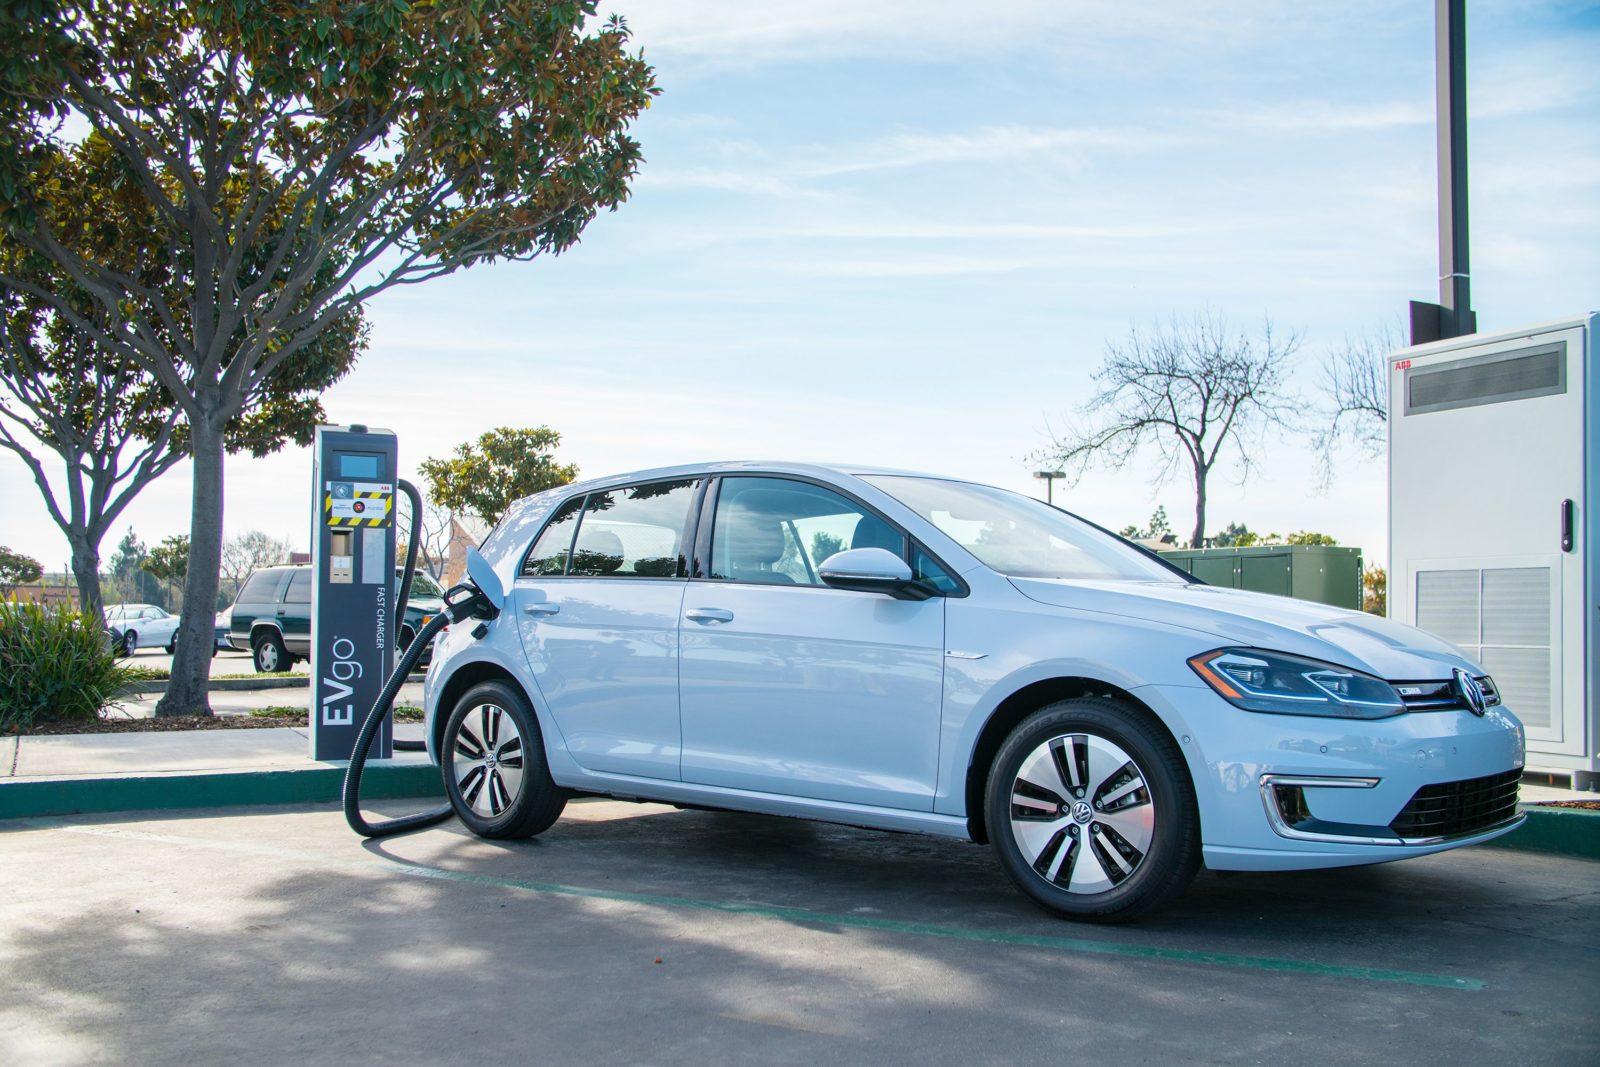 La e-Golf è una vettura elettrica con un'autonomia di 300 km. Sfruttando le batterie di QuantumScape l'autonomia potrebbe arrivare a circa 750 km.